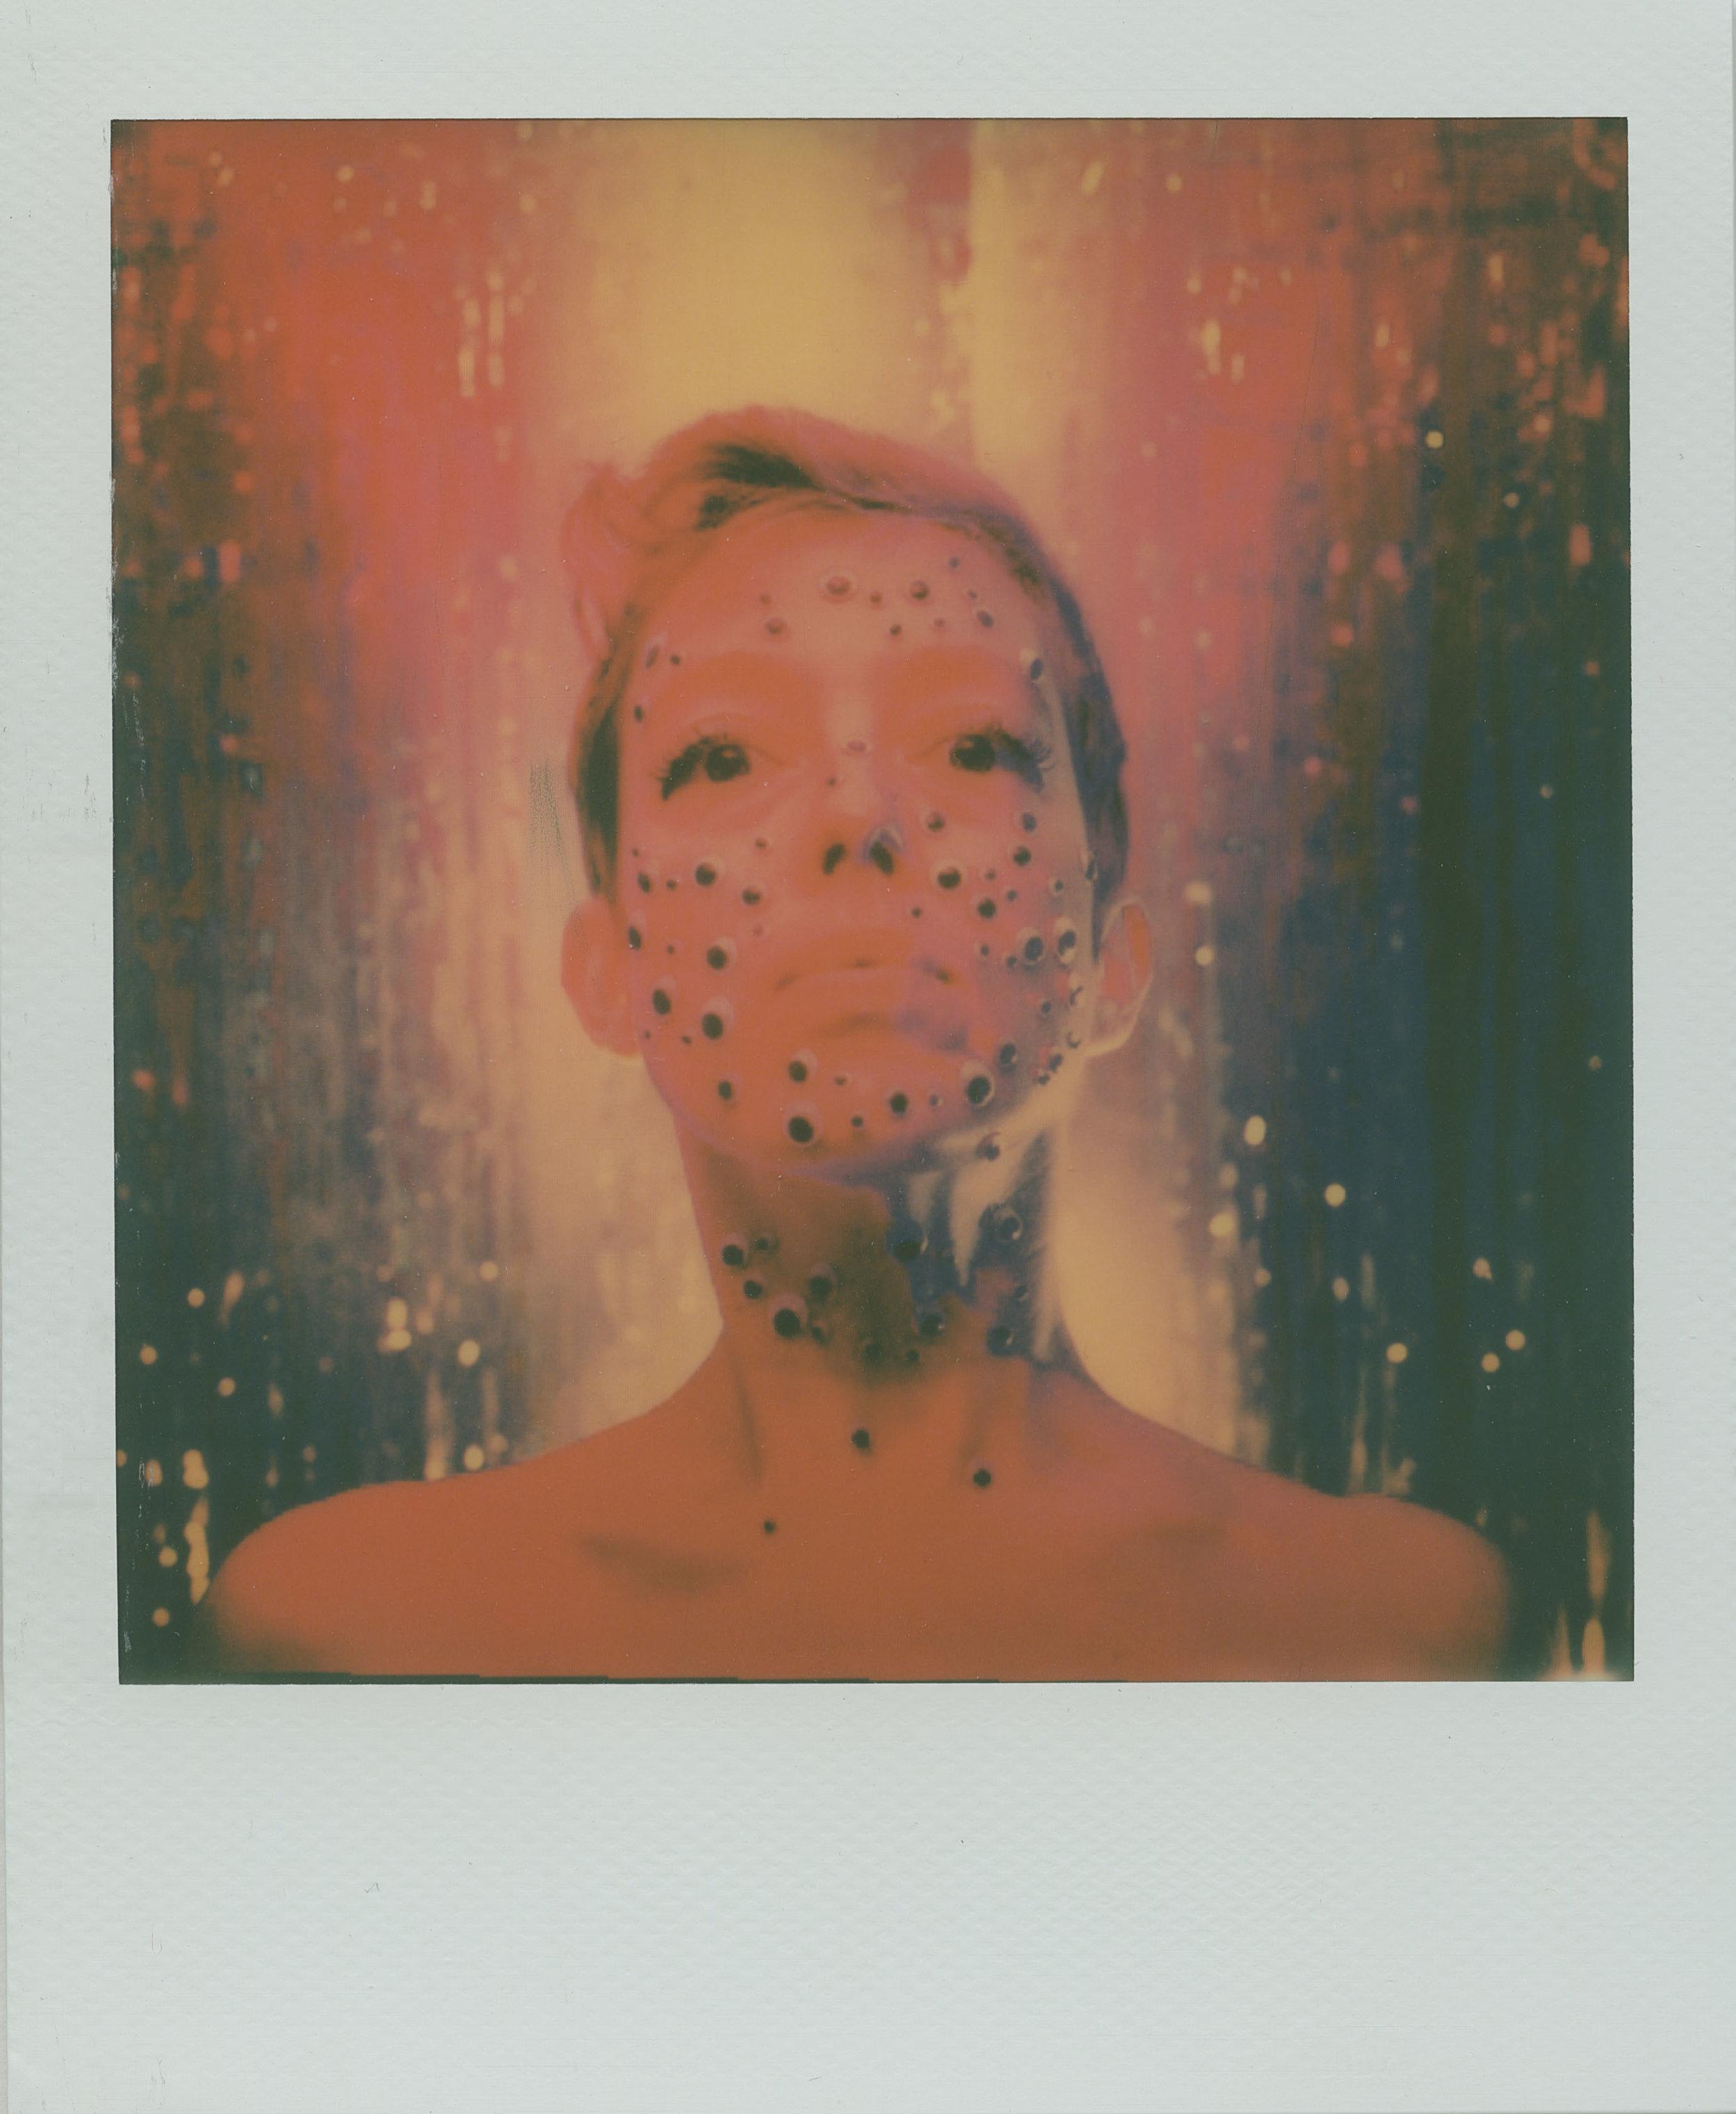 Jocelyn Mathewes